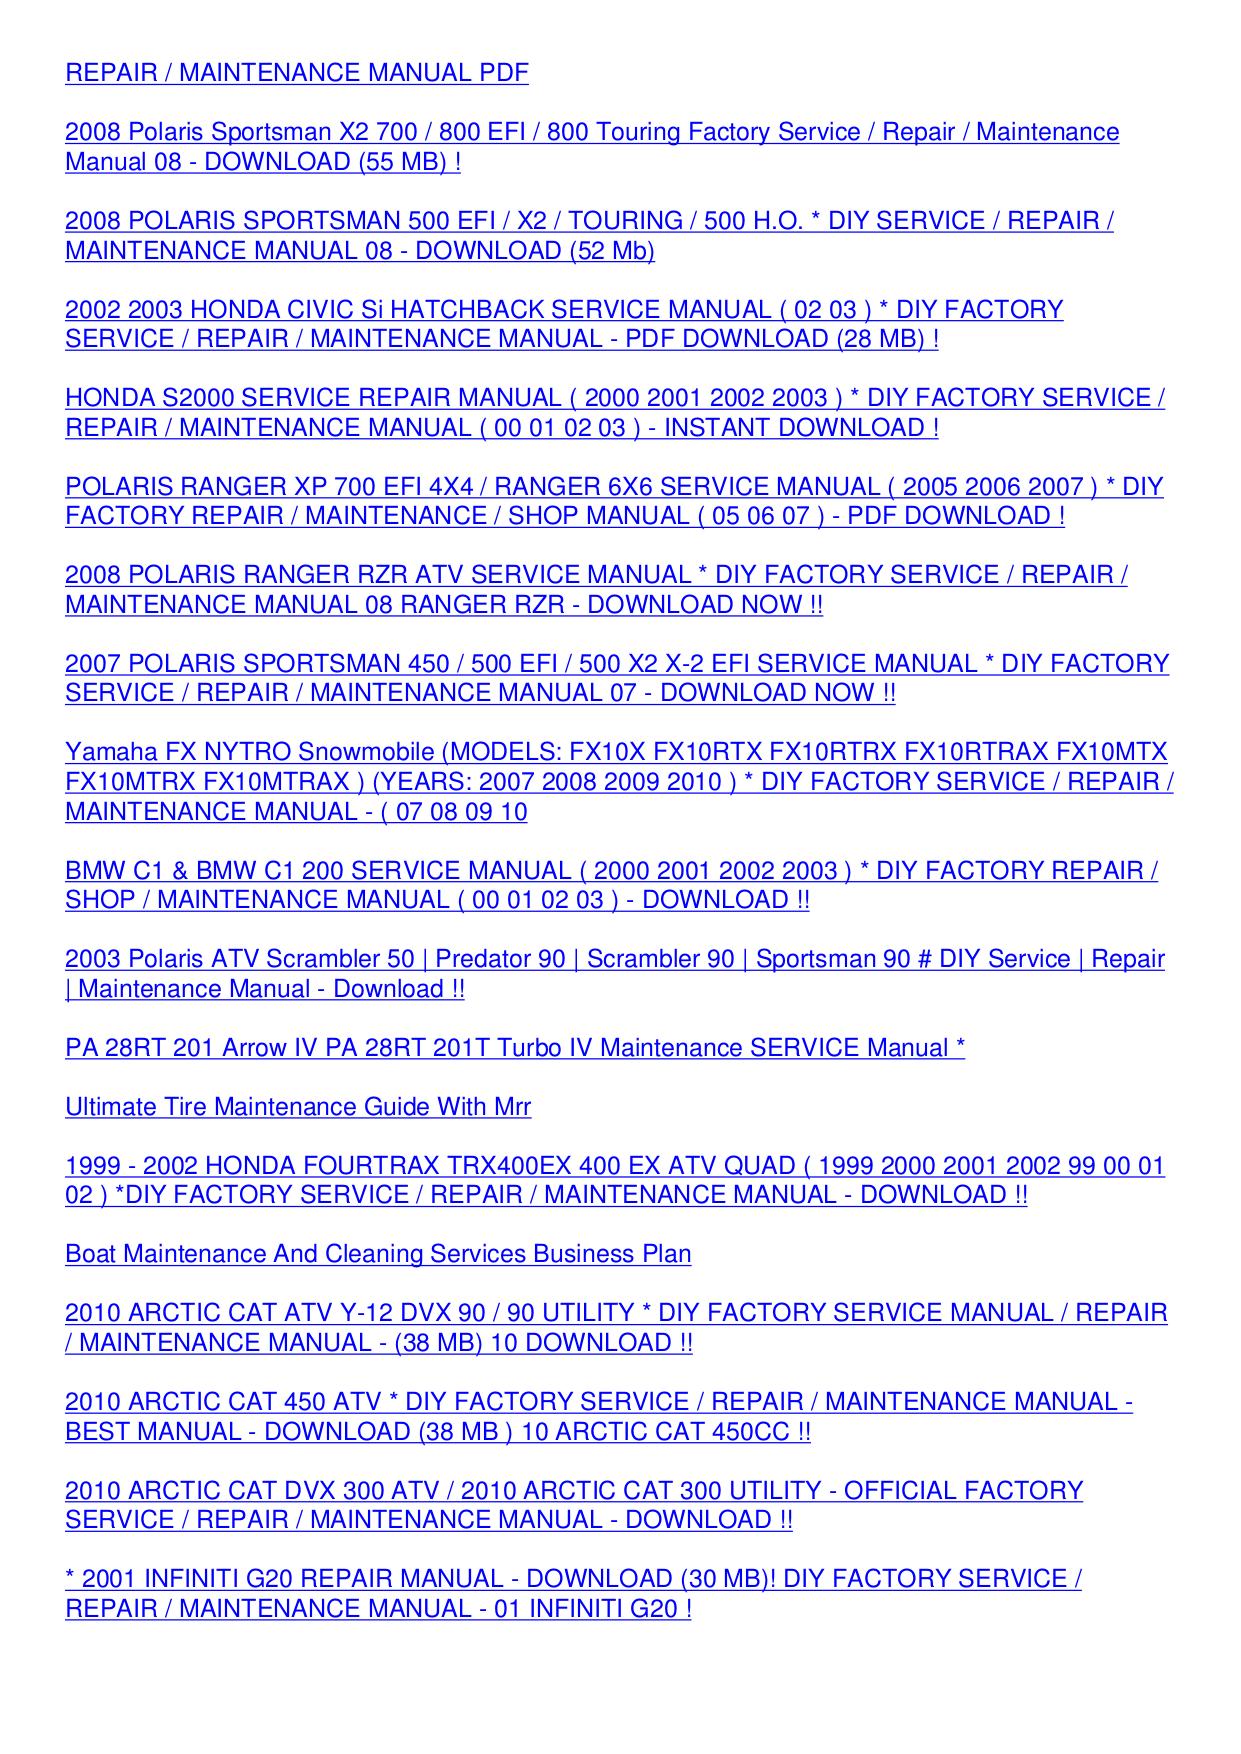 ... LG TV 42PC3DV pdf page preview ...